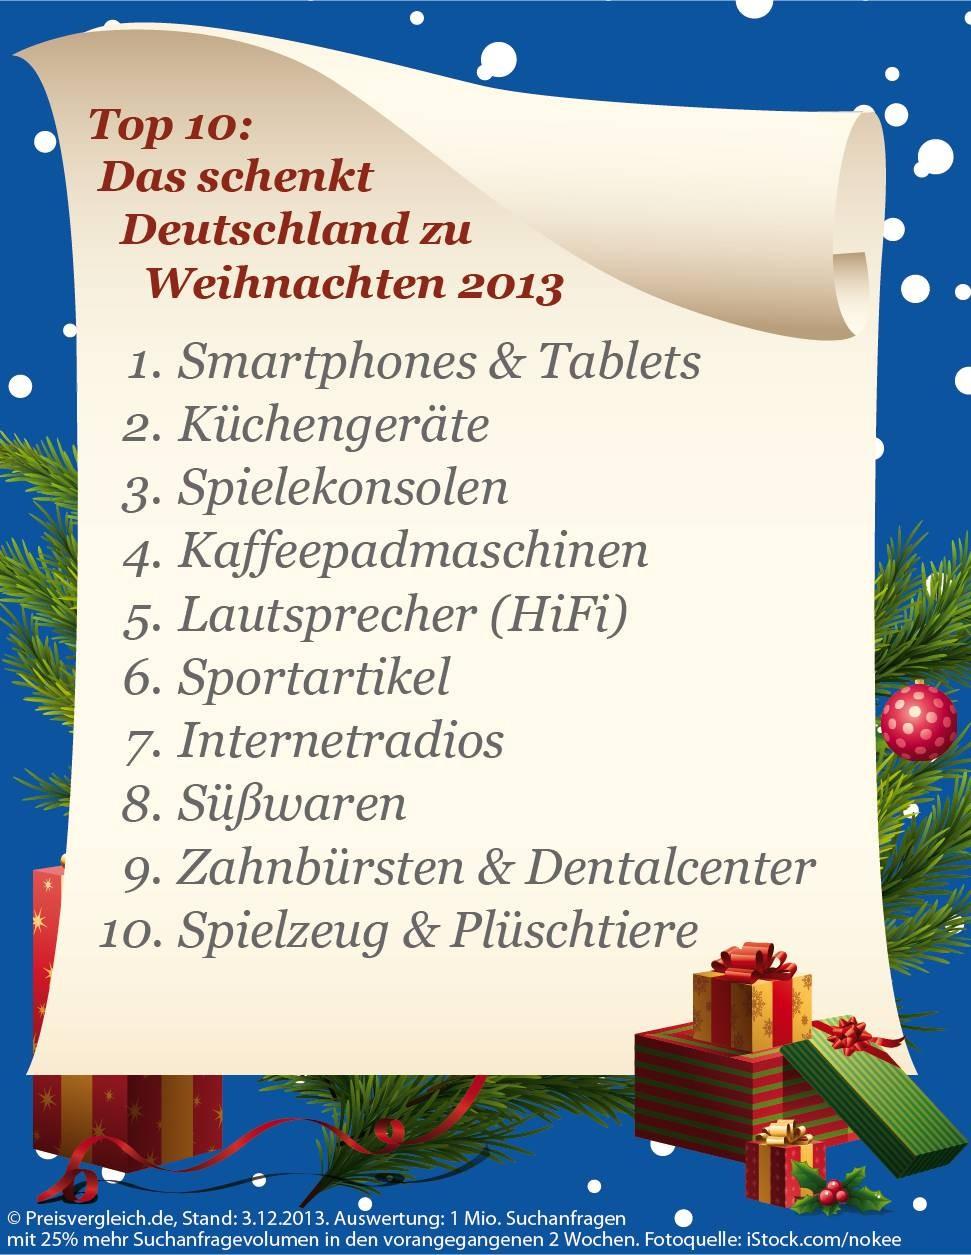 Top 10: Das schenkt Deutschland zu Weihnachten 2013 - Salzland Magazin